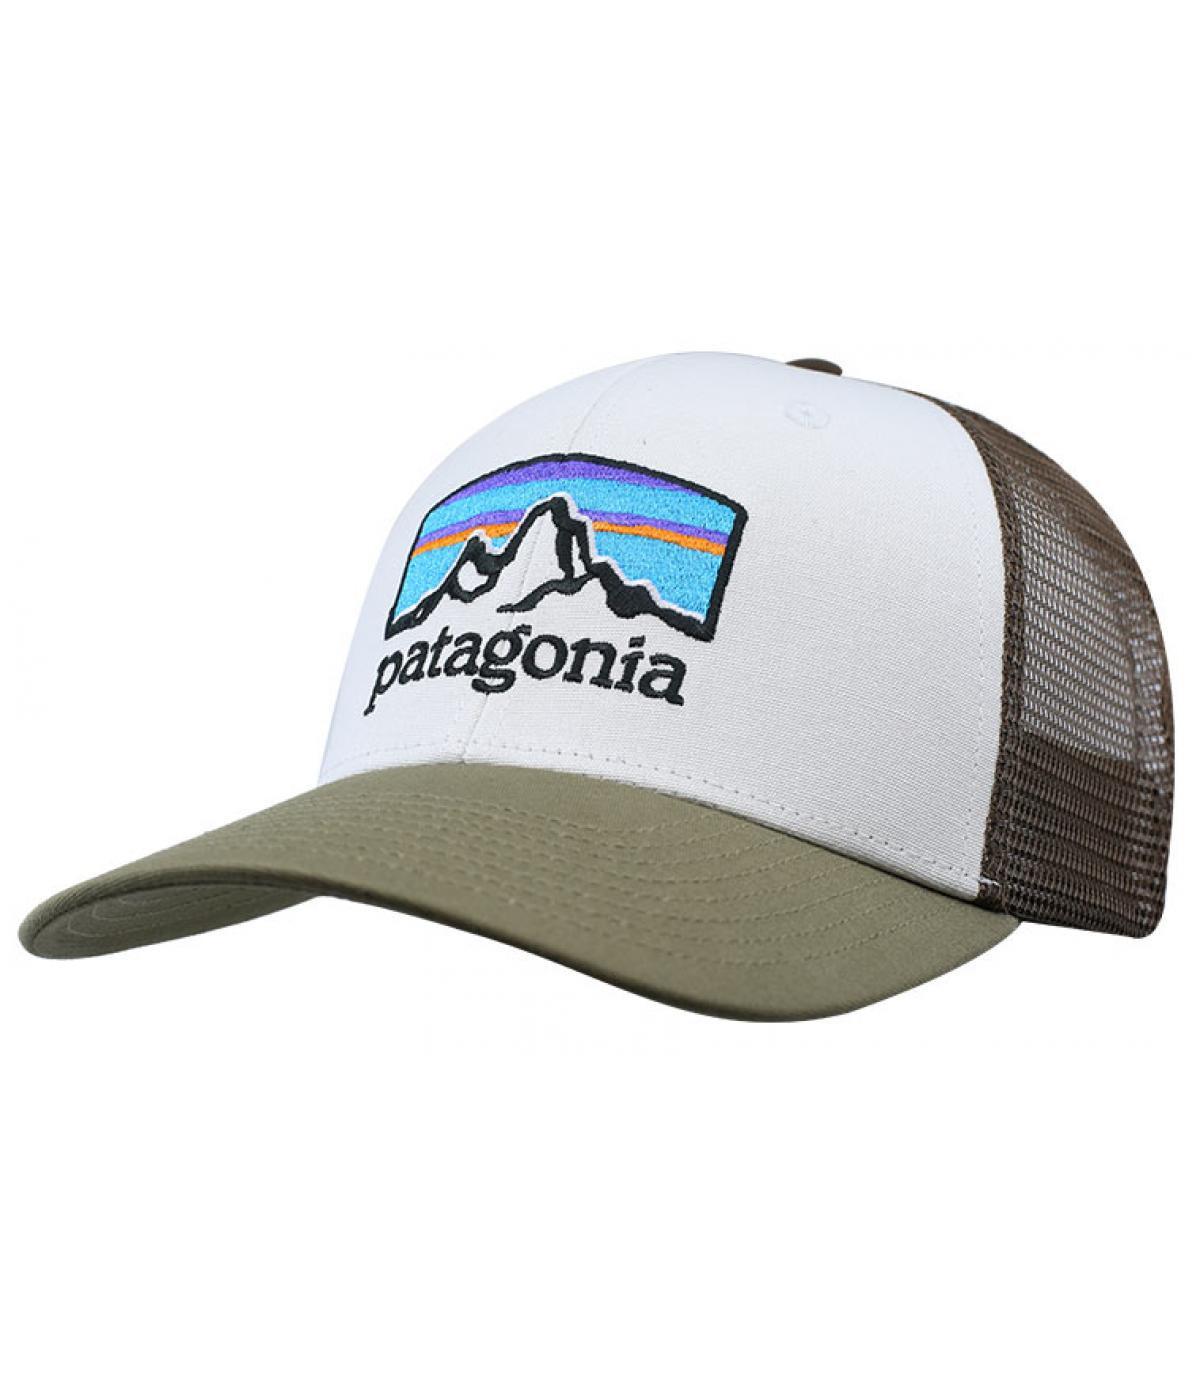 camionista bianco verde Patagonia